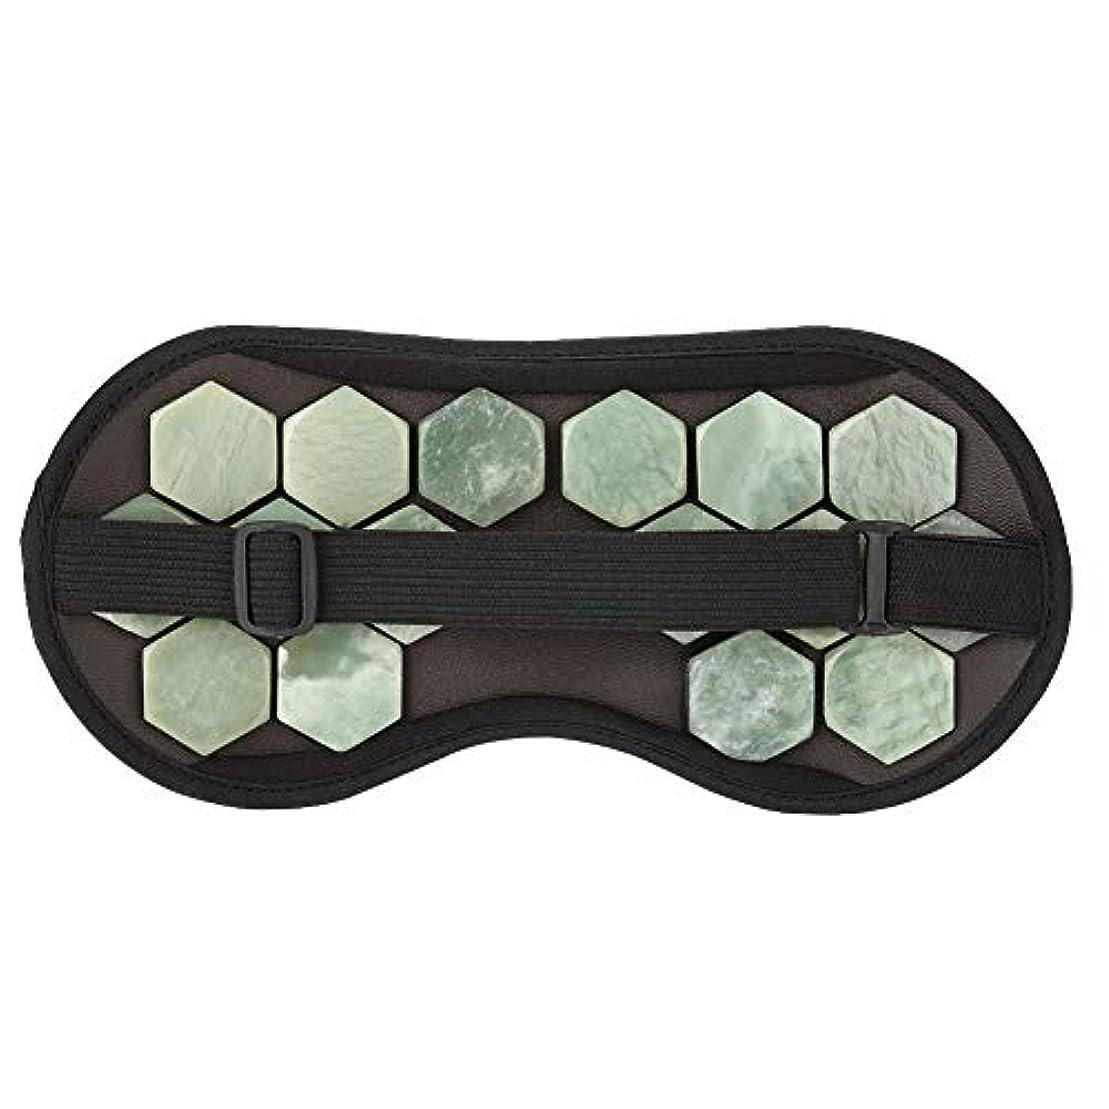 熱帯のエコー勉強する睡眠のアイマスク、旅行のための磁気マッサージャーの遮光の目隠しの目カバー昼寝シフト作業(2#)